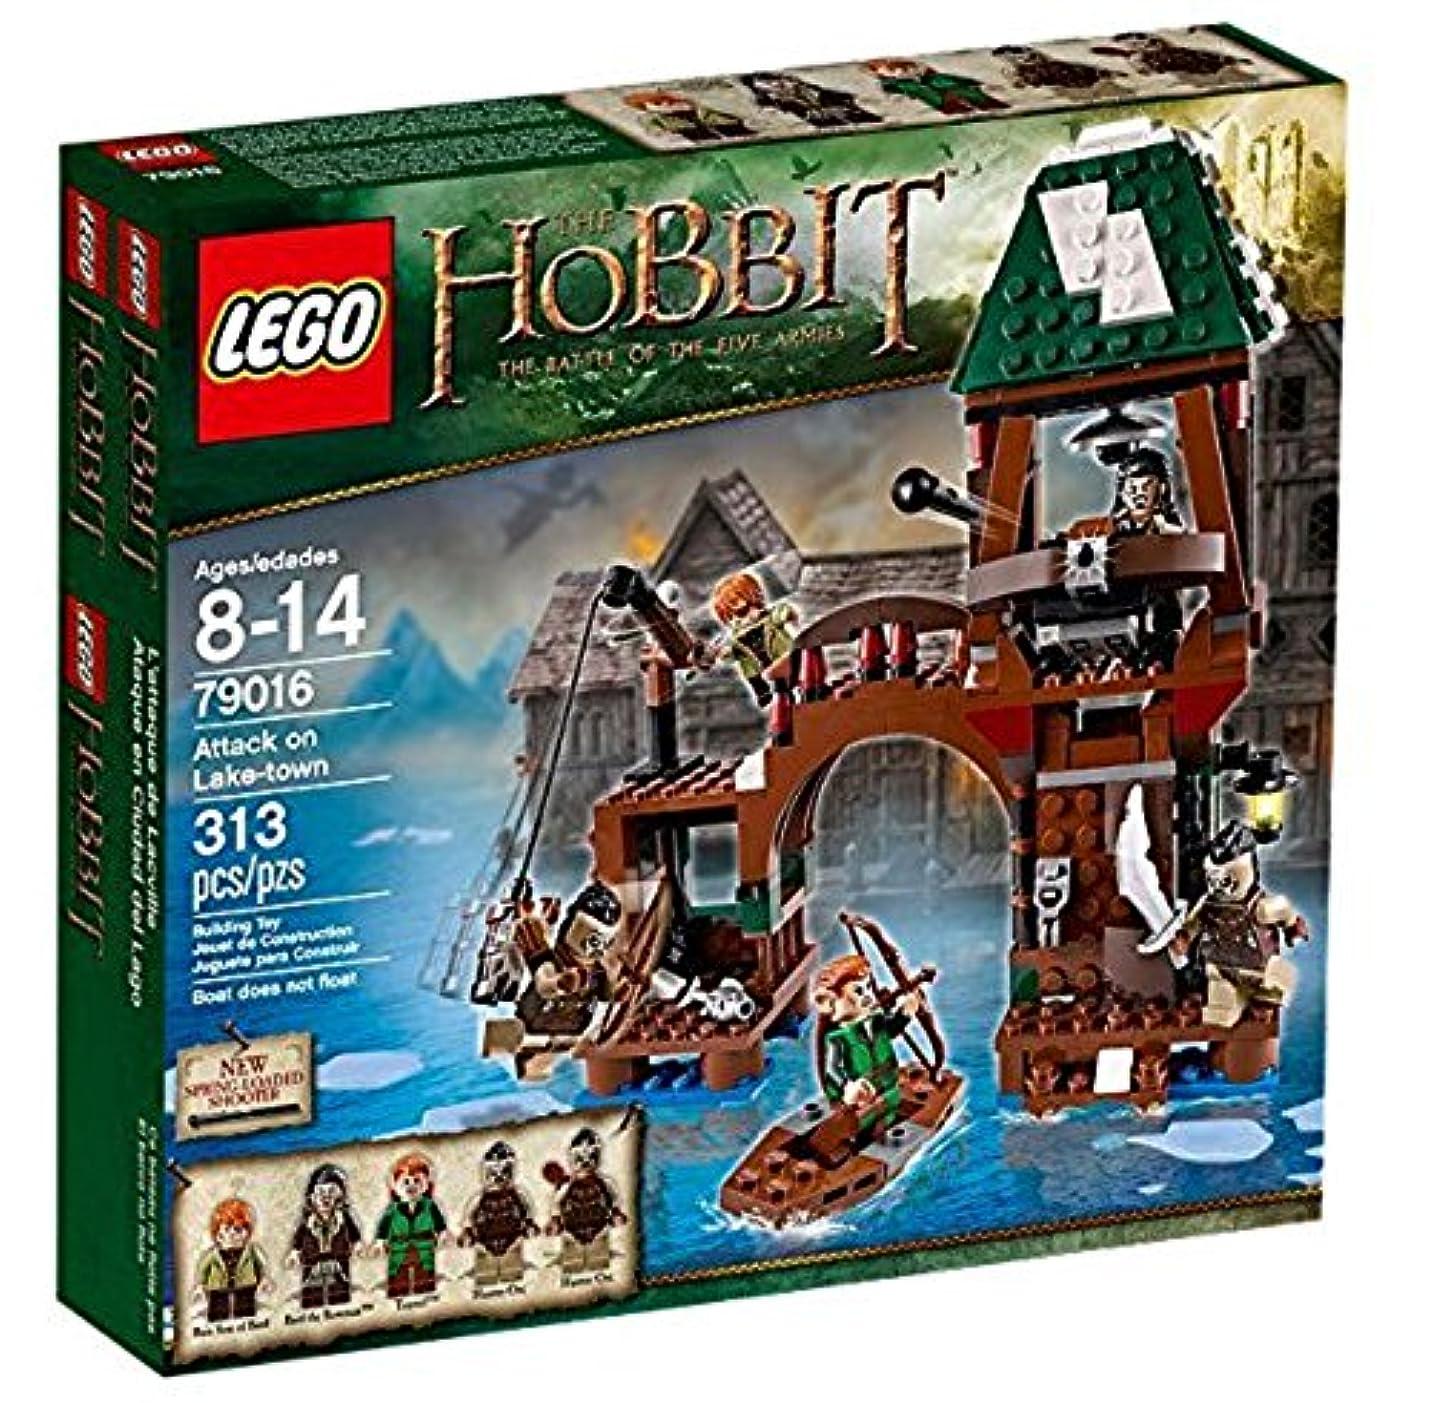 四半期白い避難レゴ (LEGO)  ホビット 湖の町への攻撃 79016